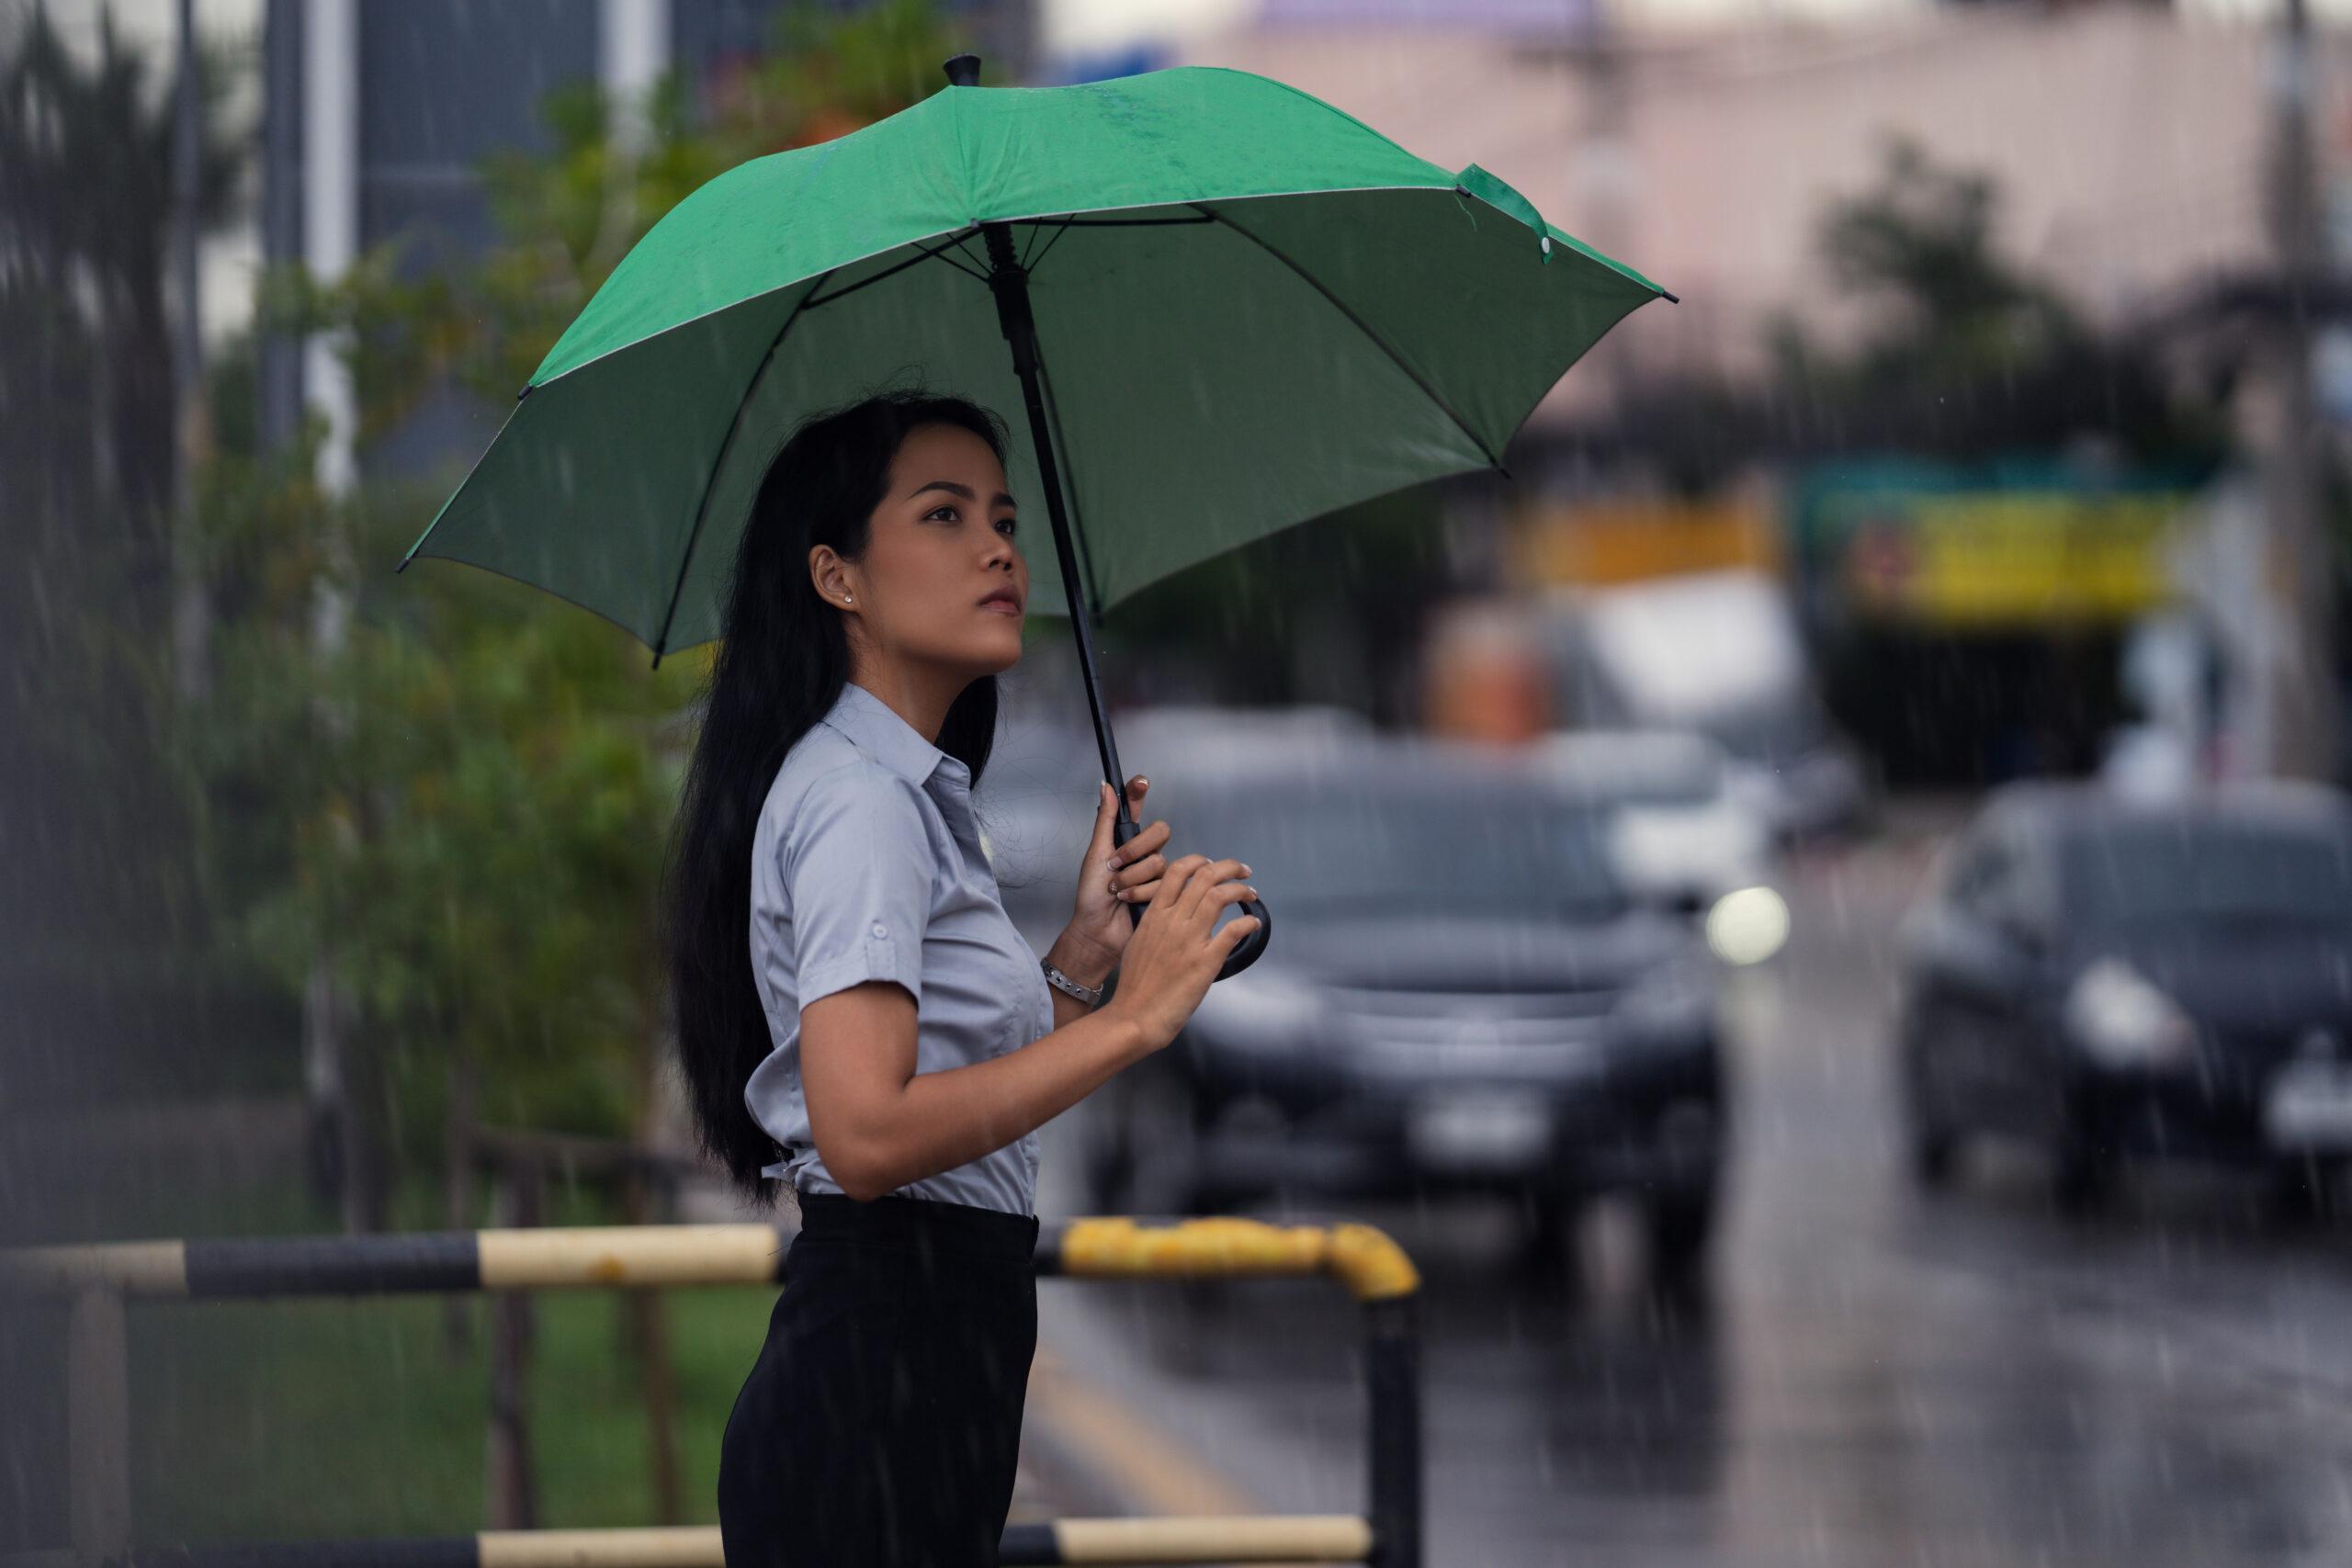 Catat! Ini Persiapan Memasuki Musim Hujan